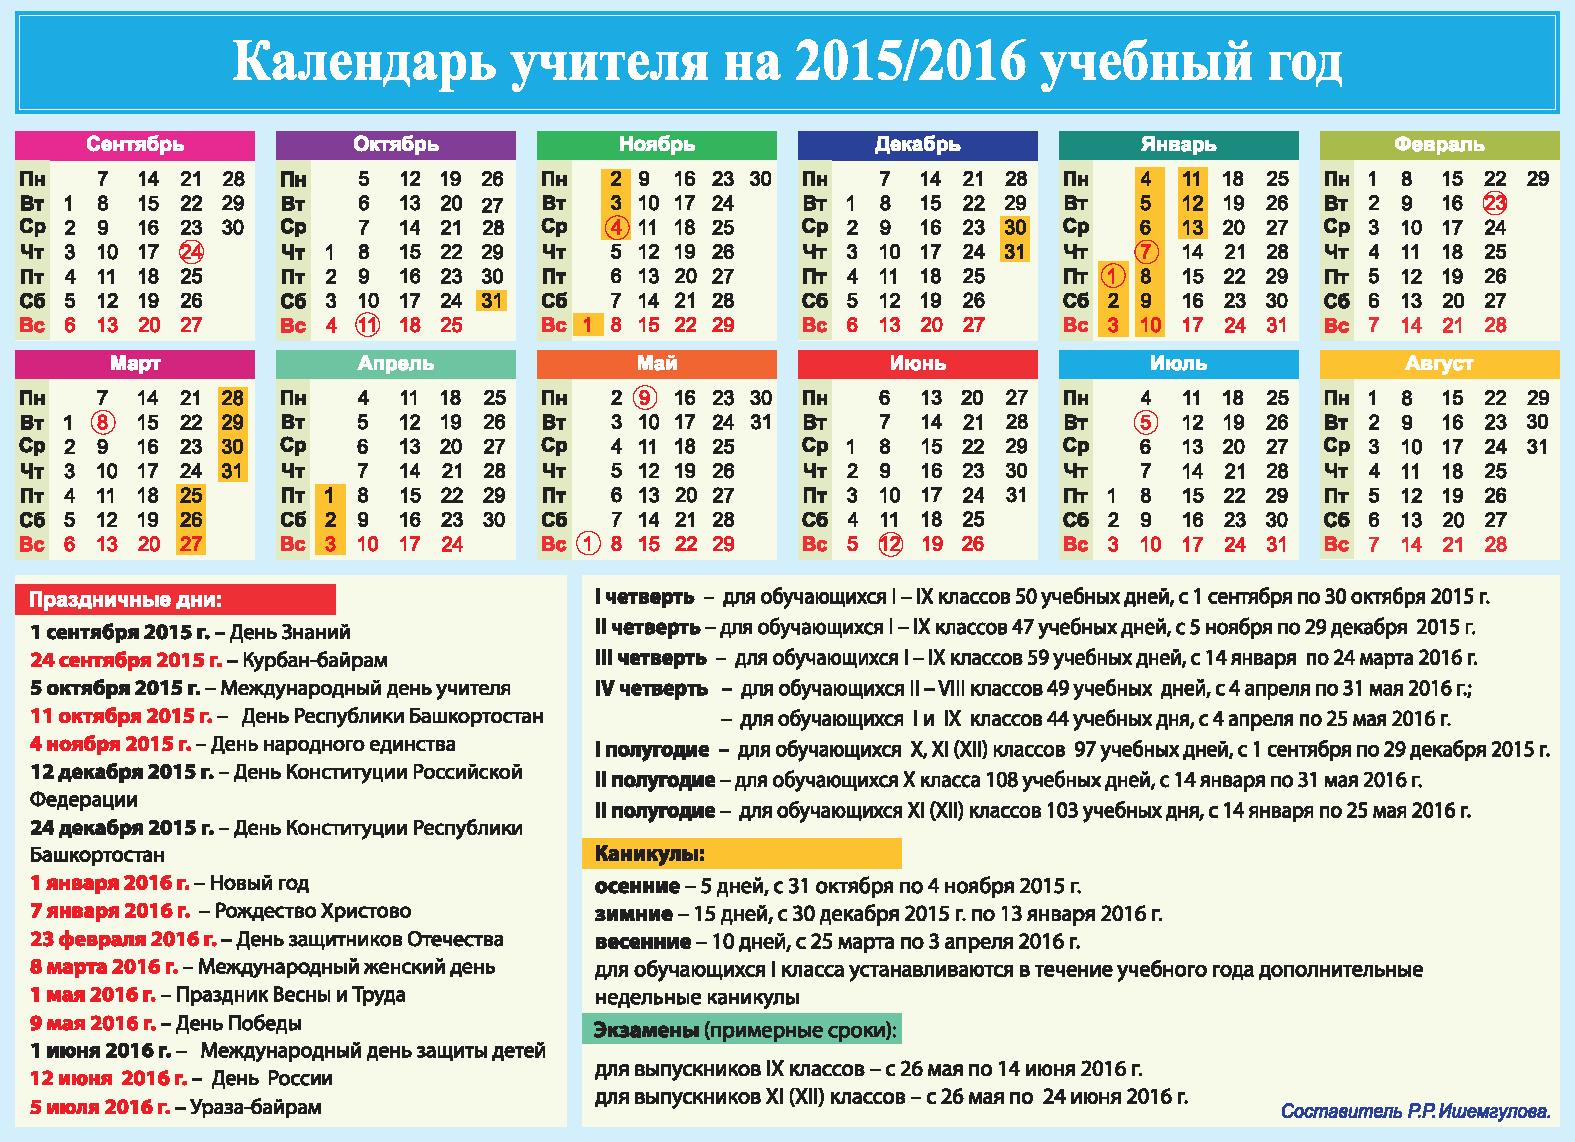 Найти работу в москве на выходных